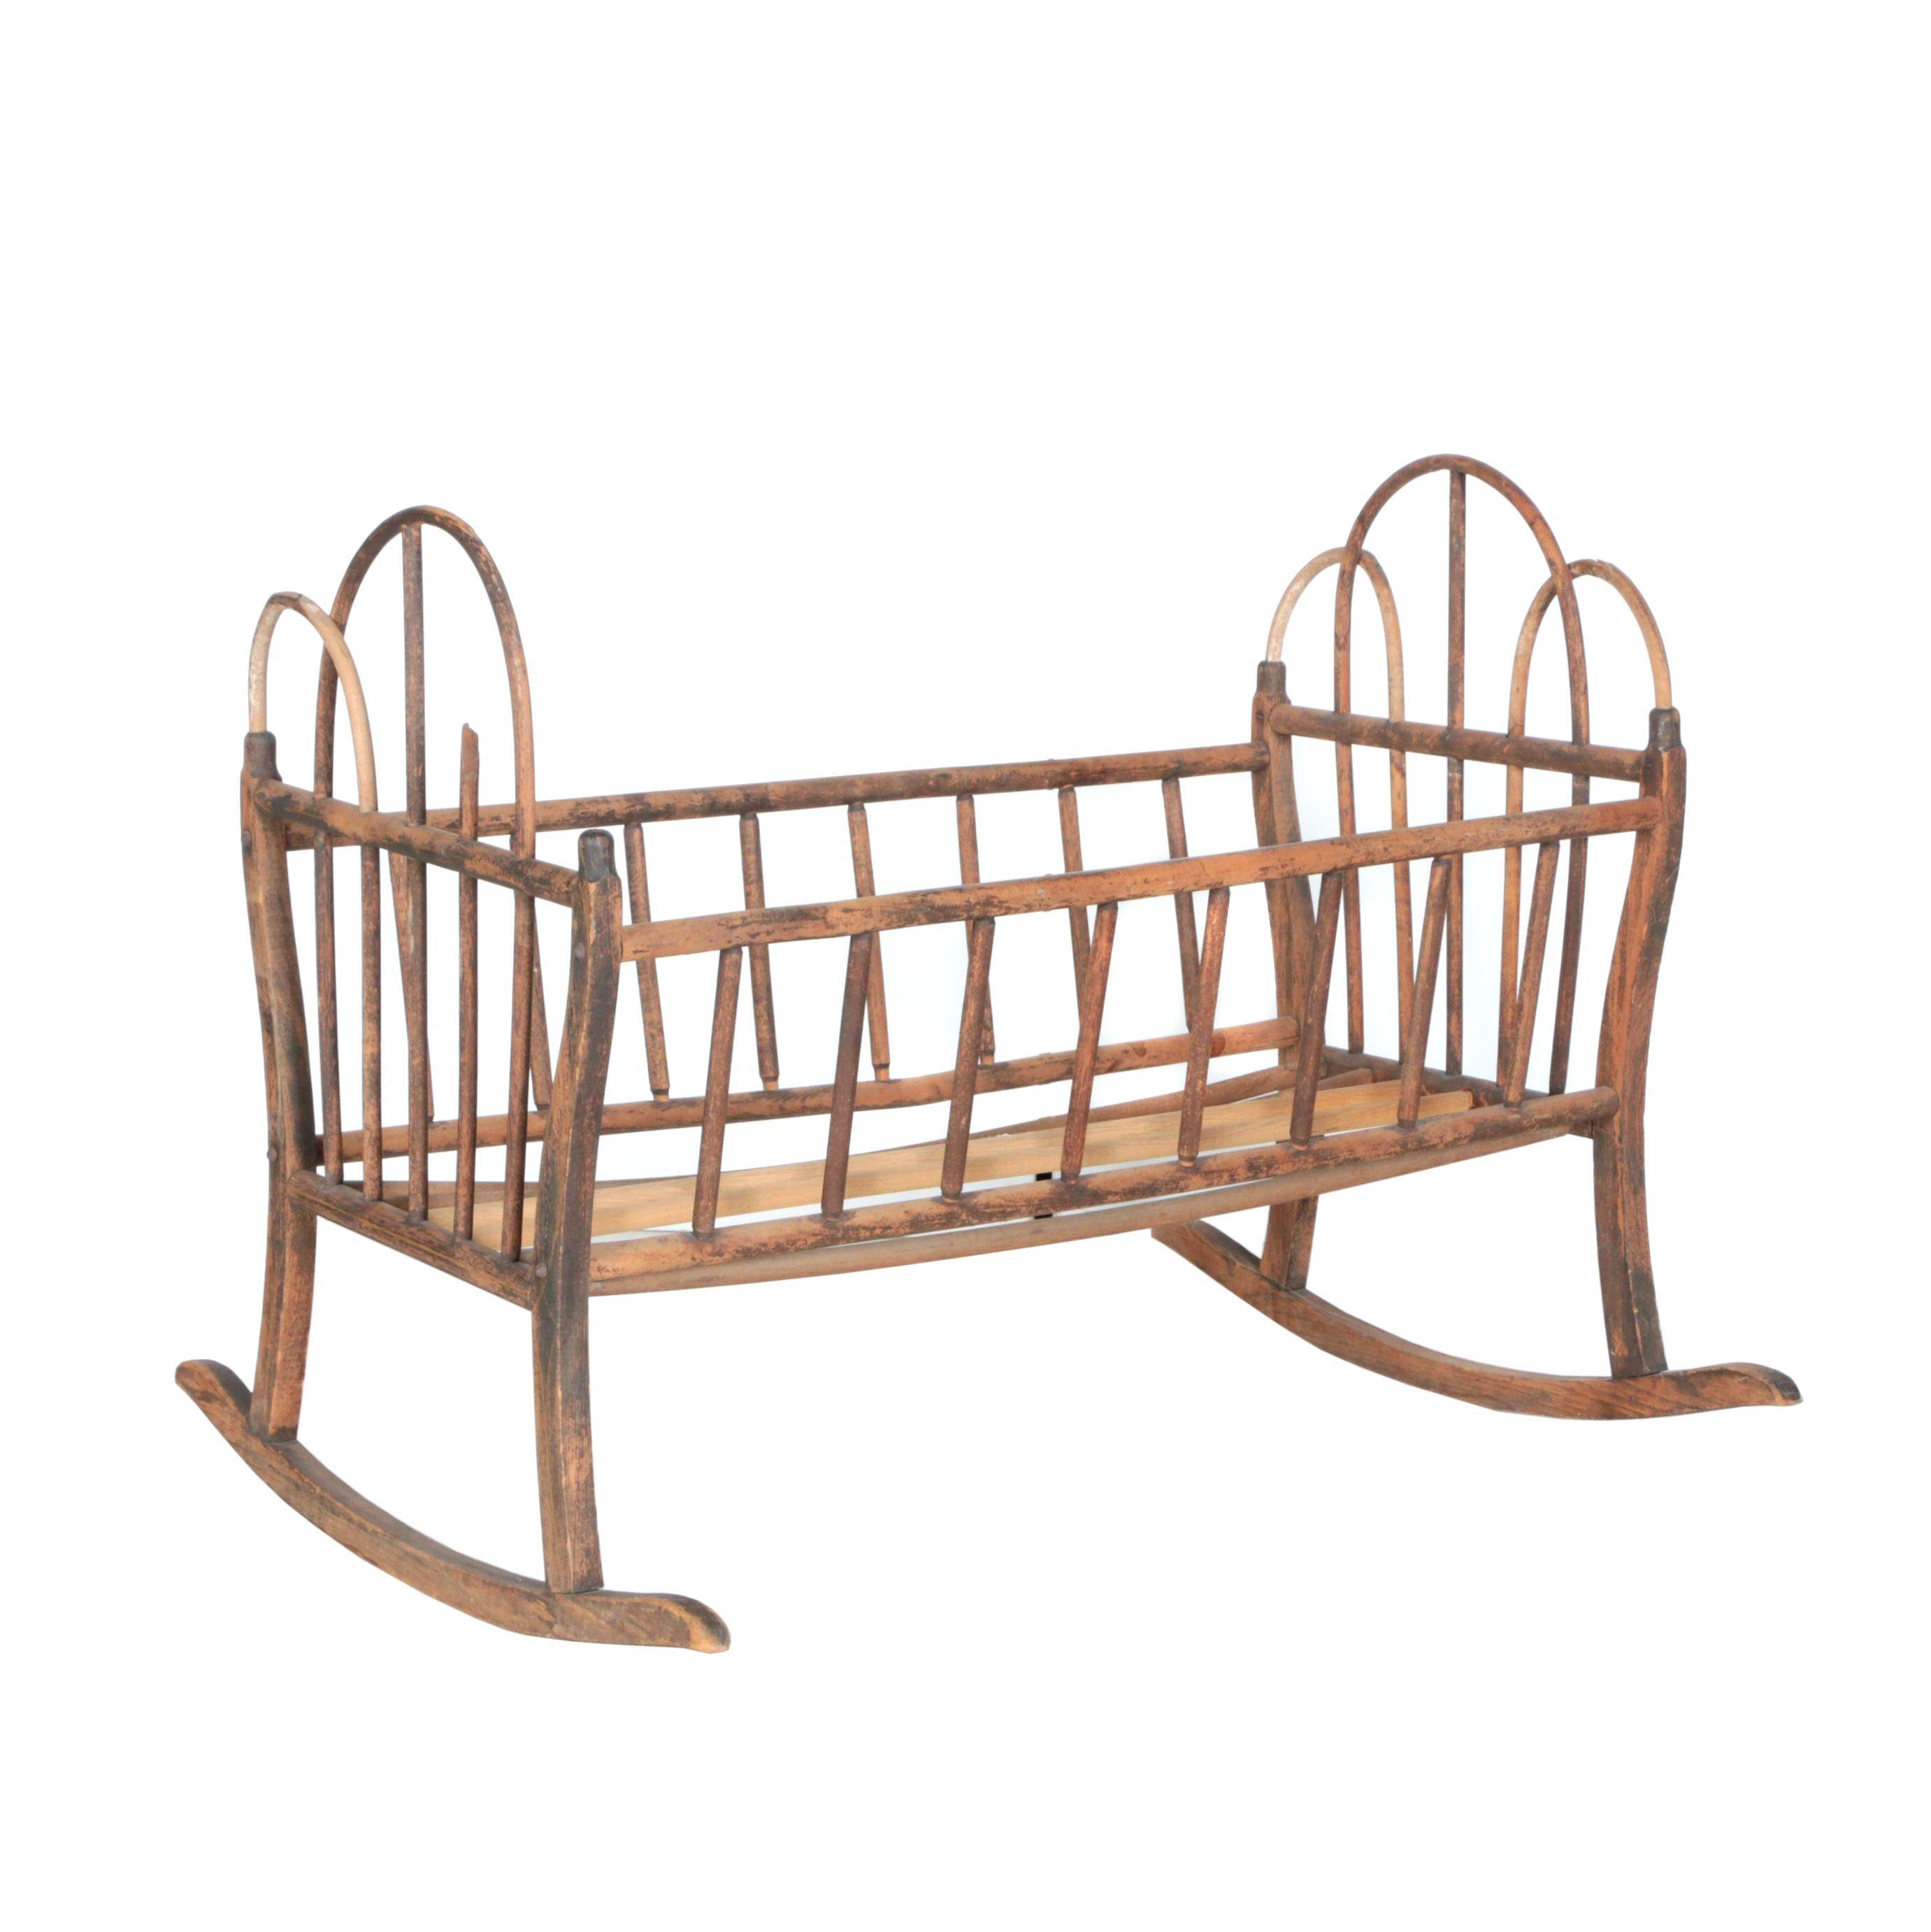 Antique Wooden Rocking Crib